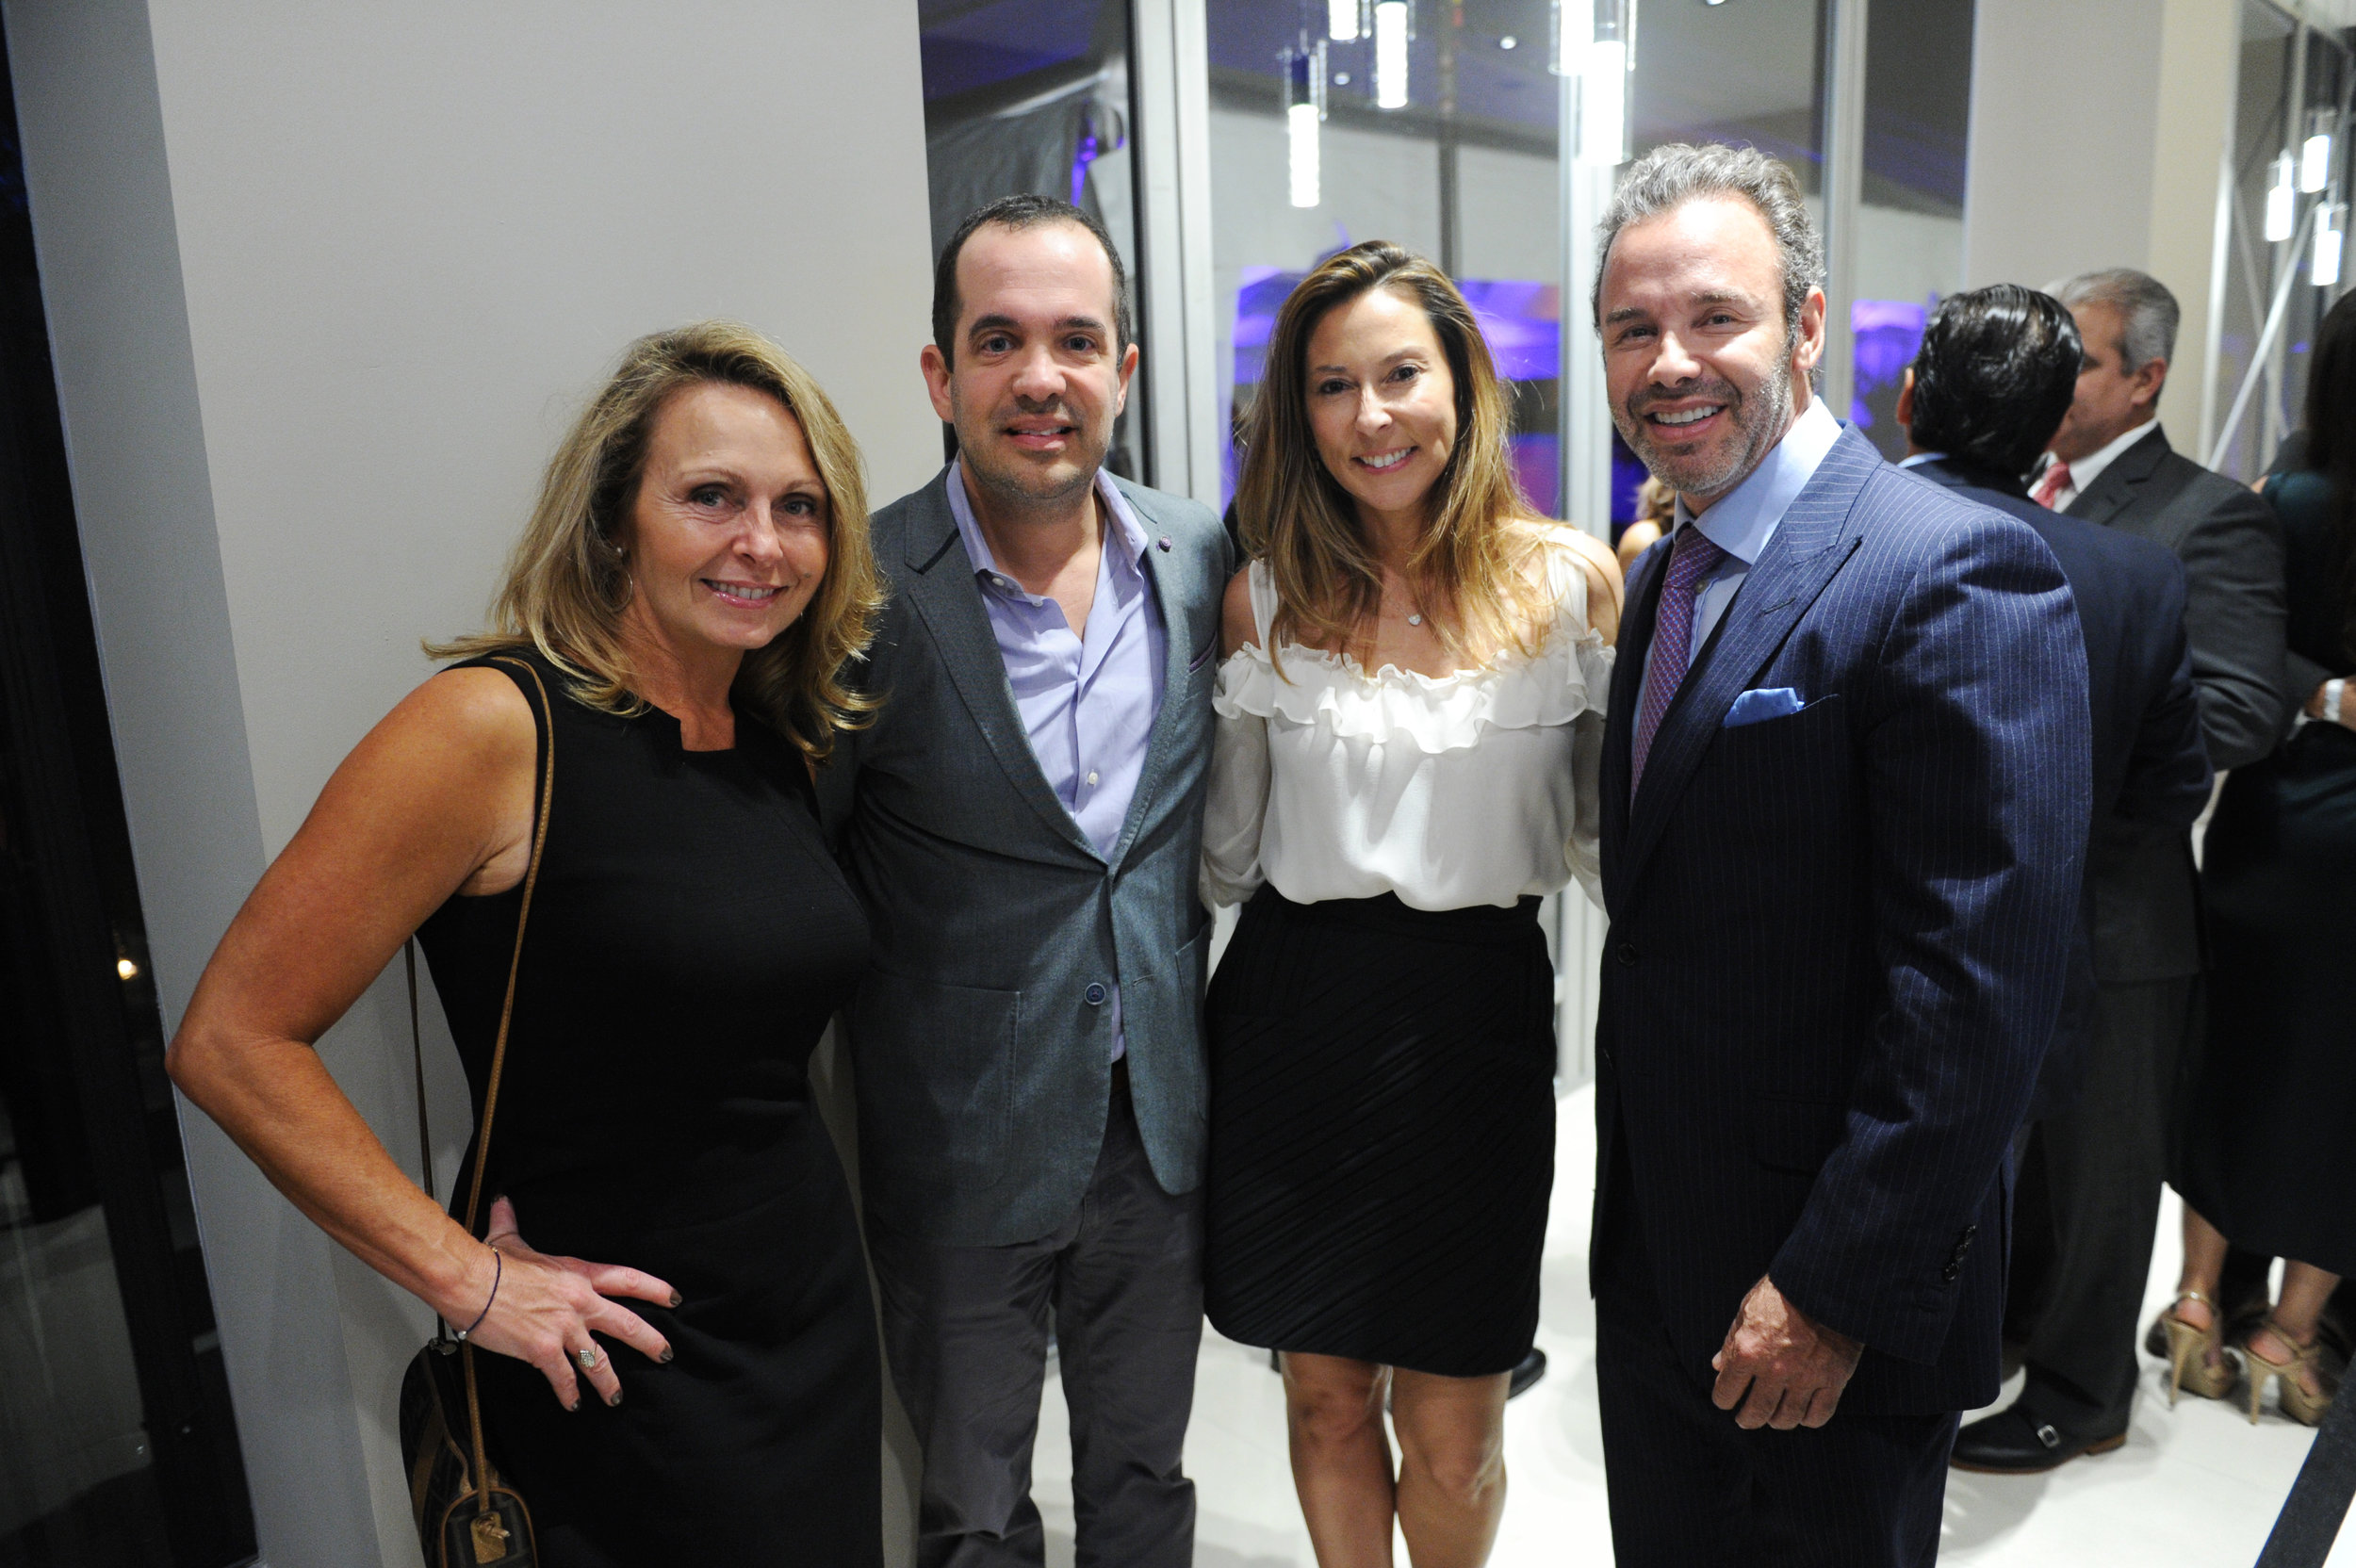 Pamela Bahouth, Chris Dreyfuss, Ivonn Goihman, & Jay Parker